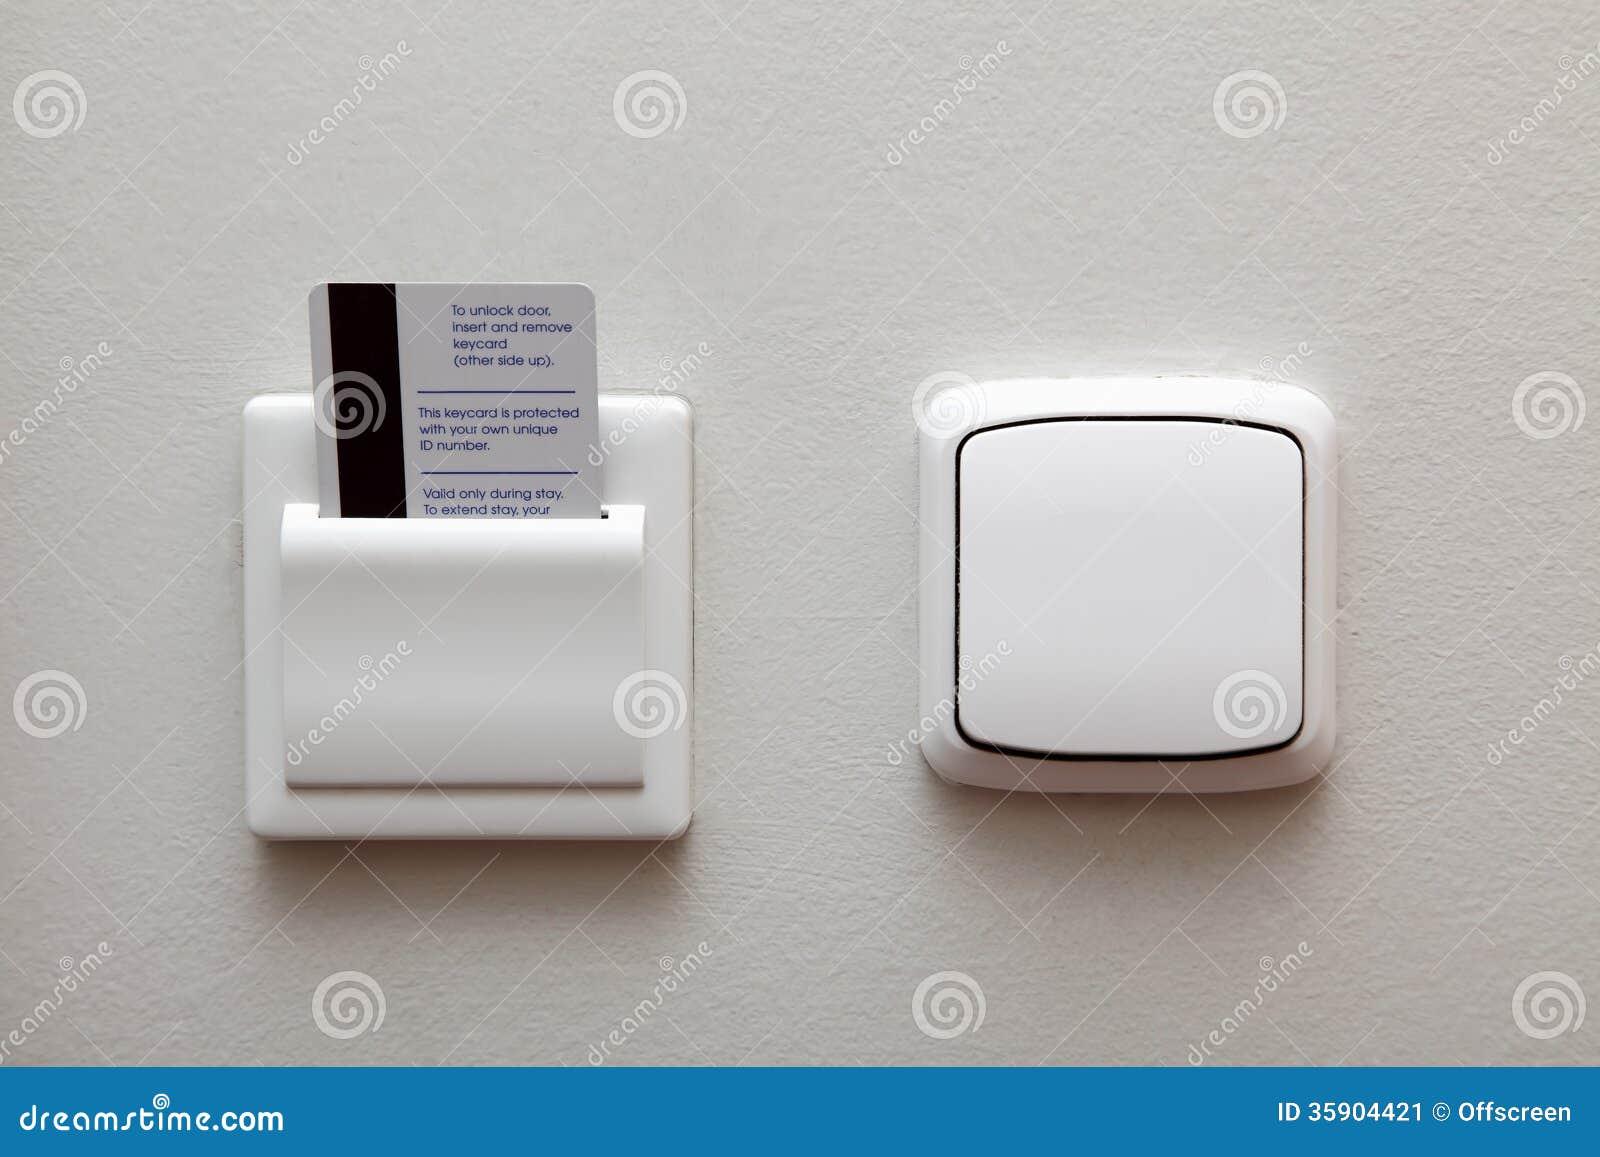 Elektrischer Schalter Und Schlüsselkarte Stockbild - Bild von ...